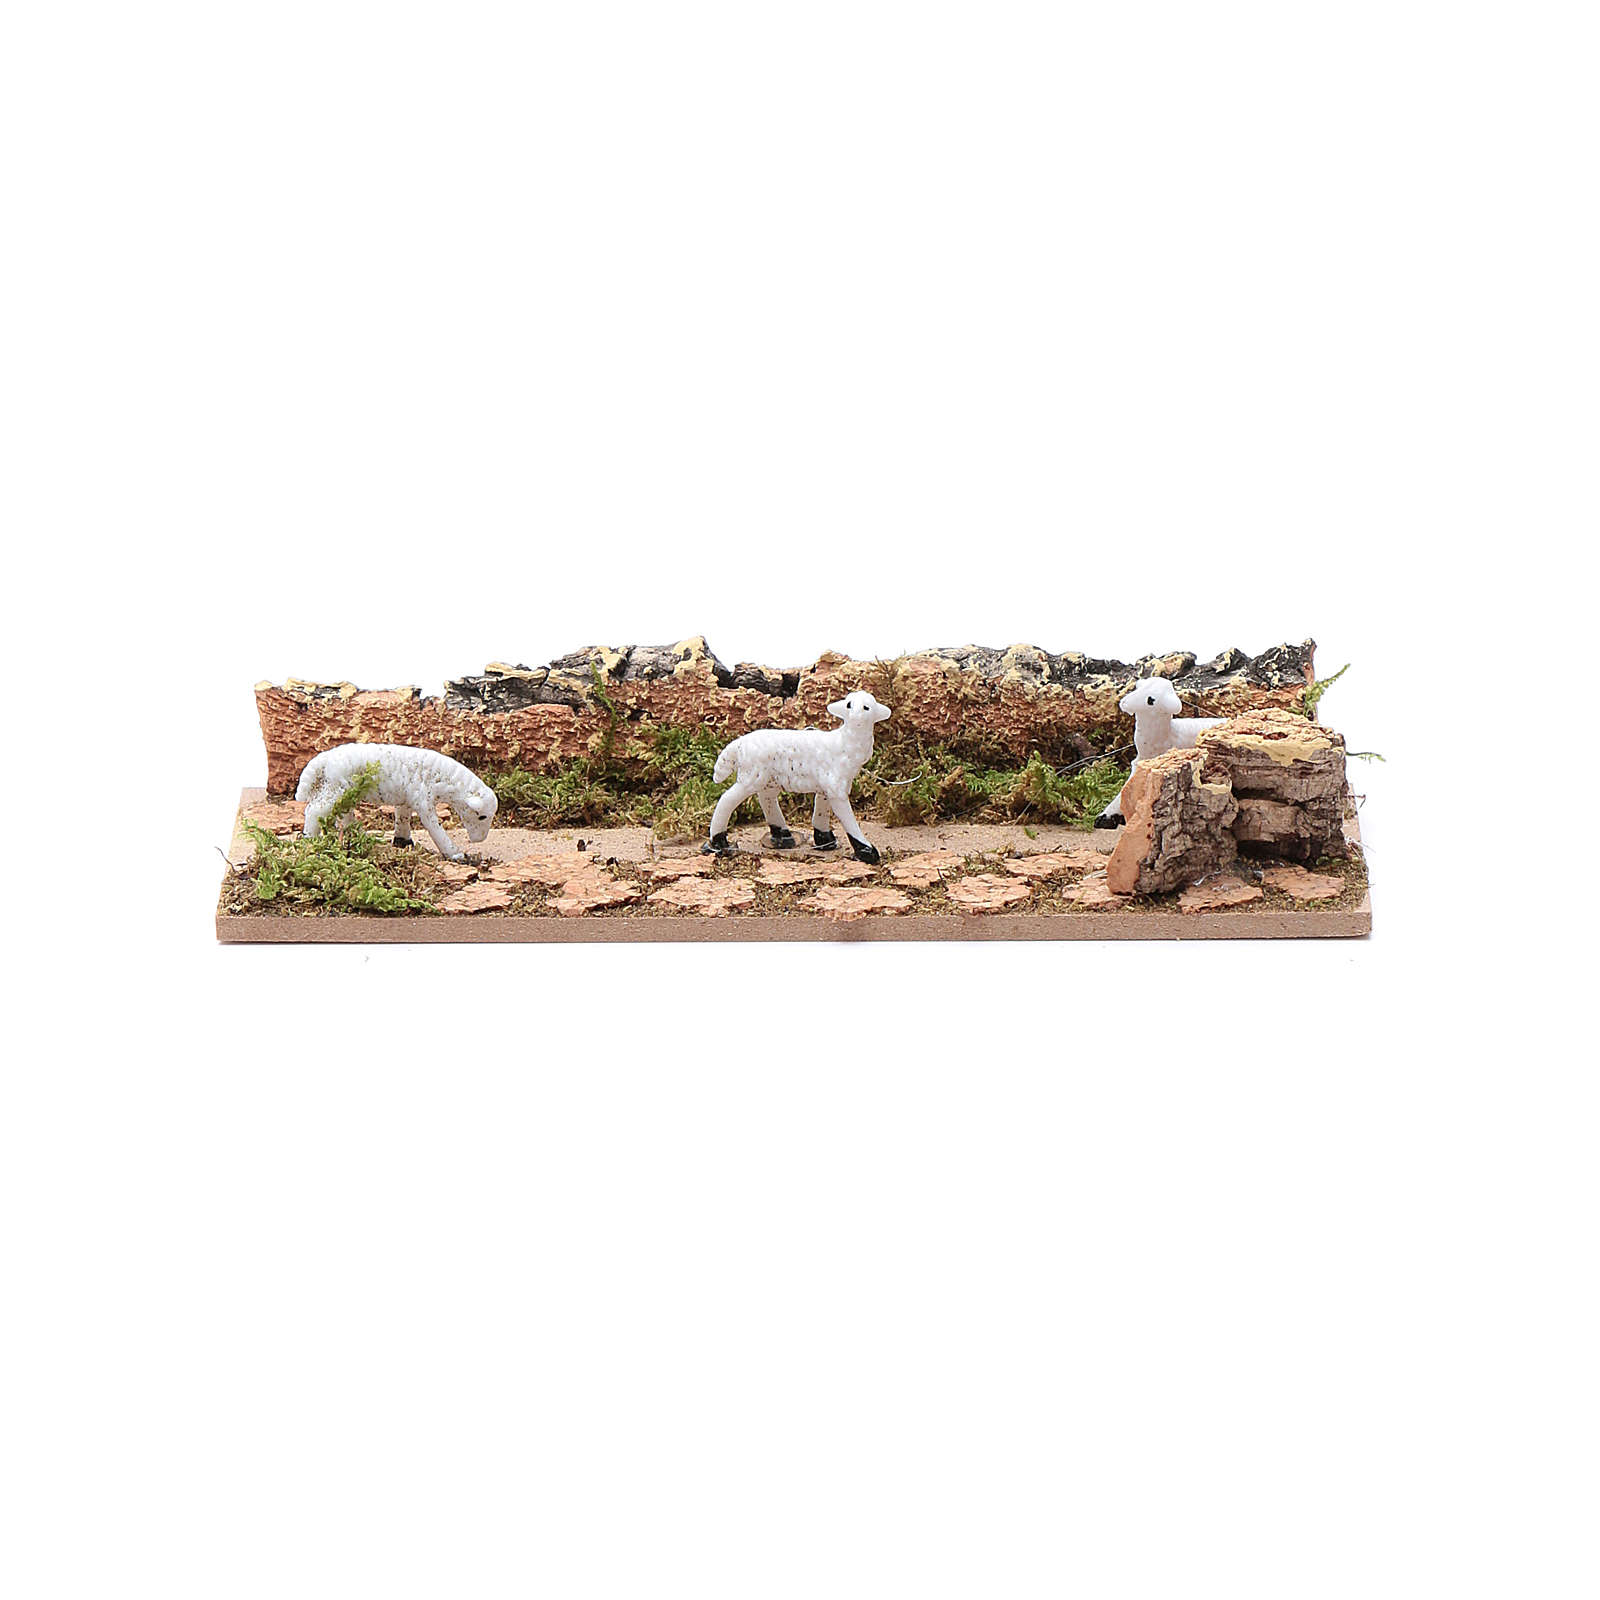 Tratto di pecore in cammino in sughero 5x15 cm per presepe 3,5 cm 3